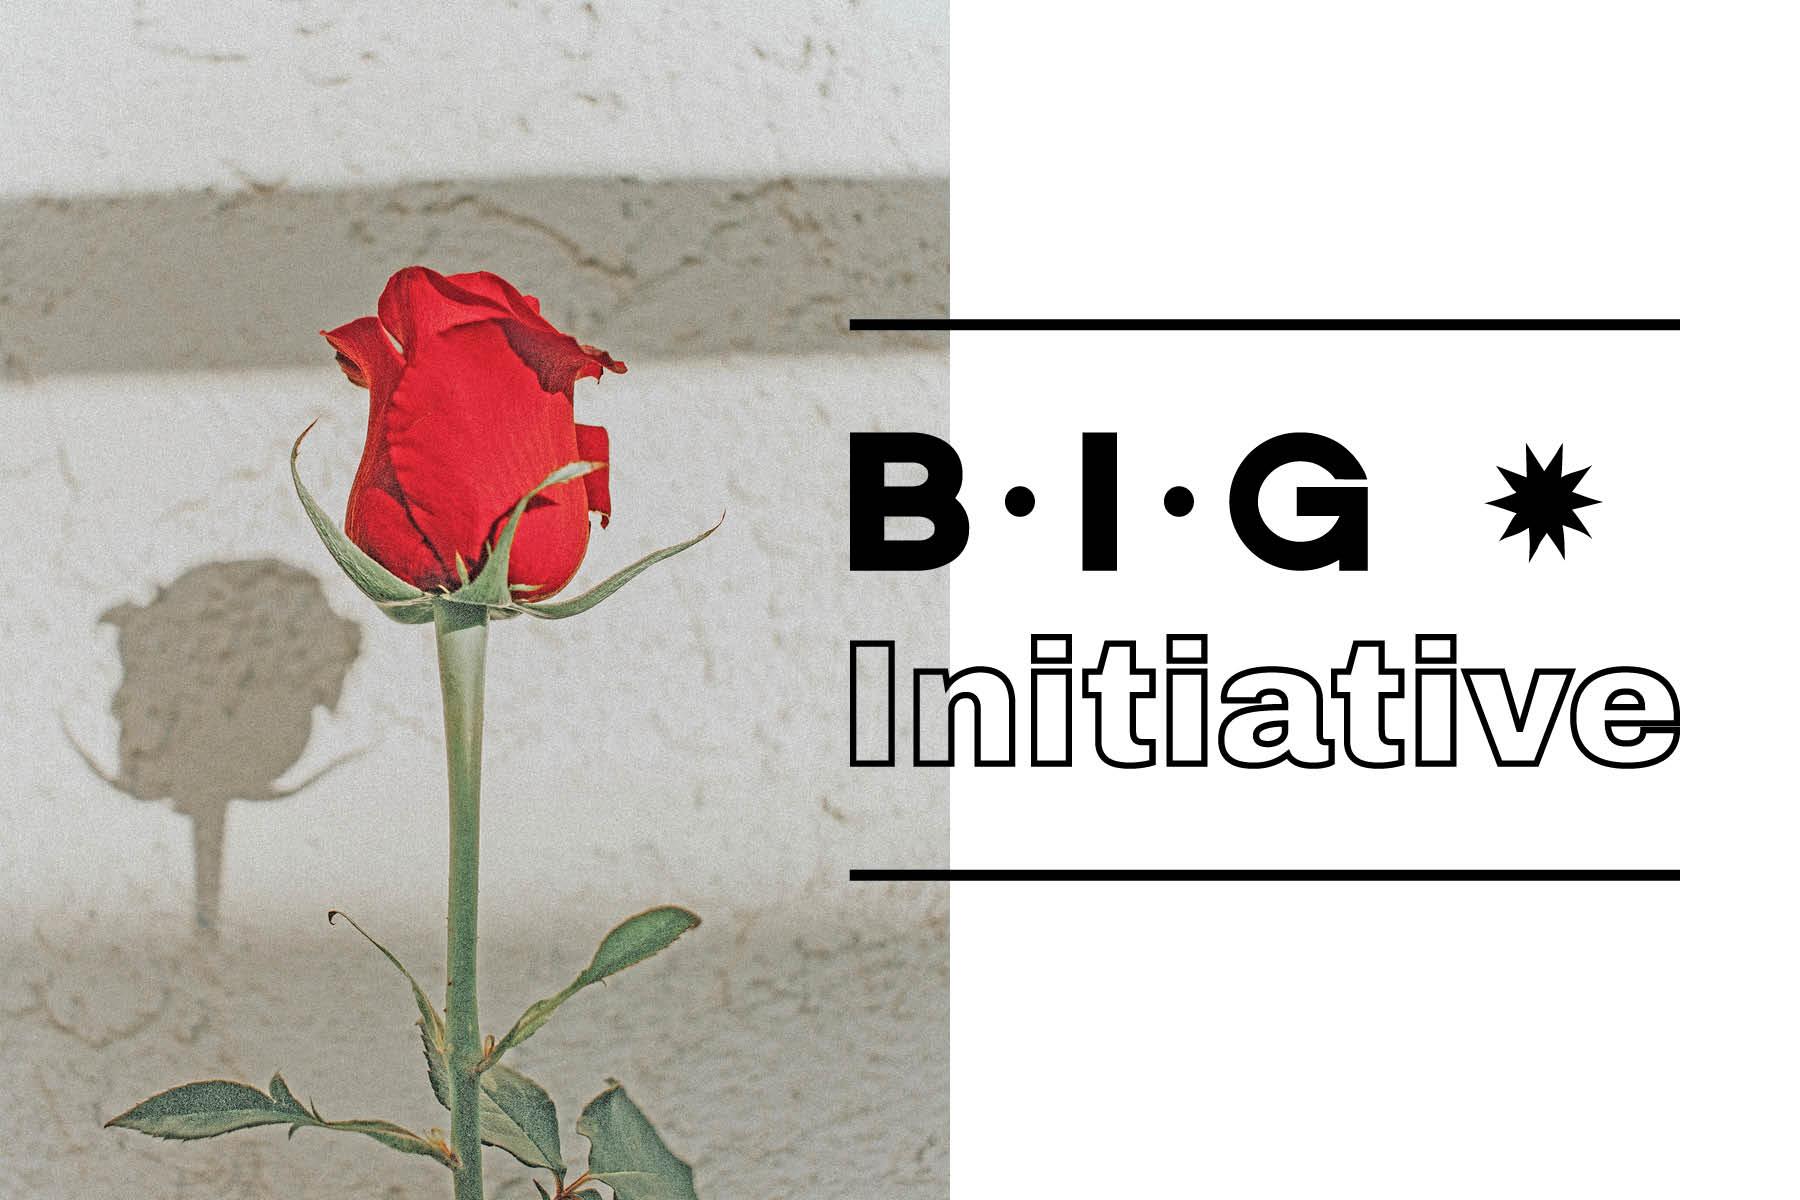 BIG Initiative